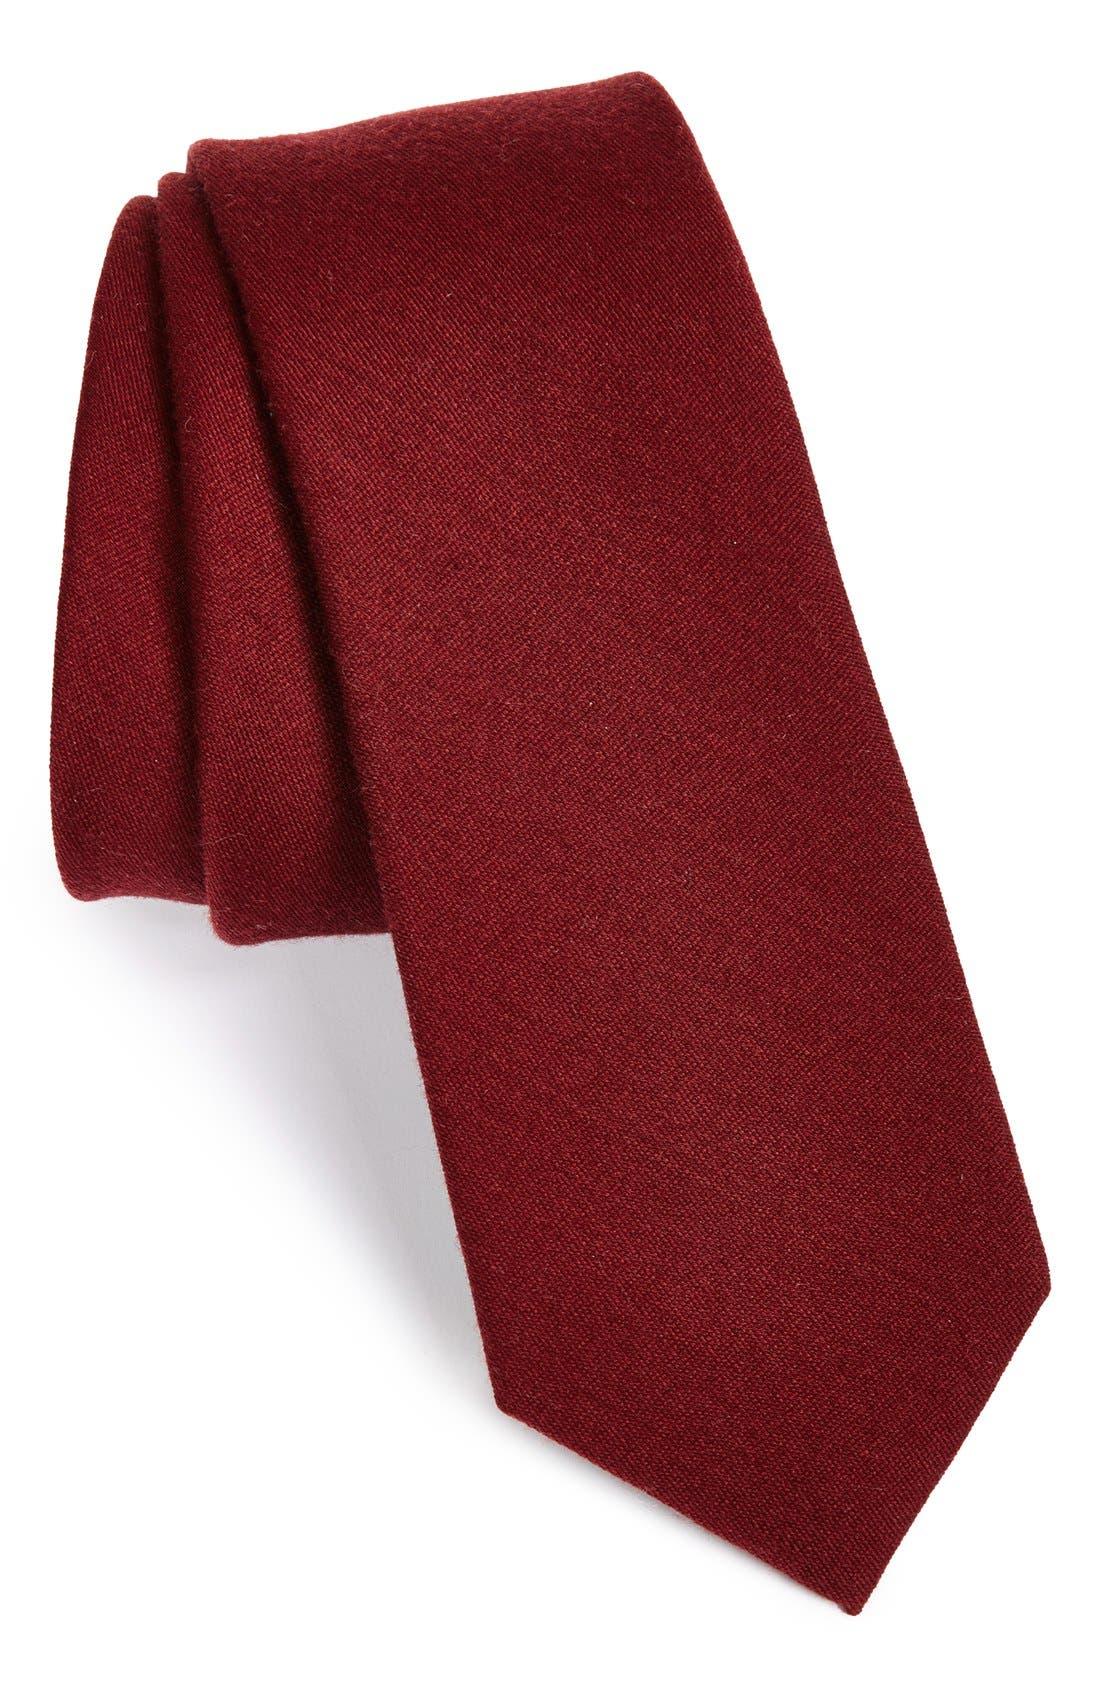 Wool & Silk Solid Tie,                         Main,                         color, BURGUNDY